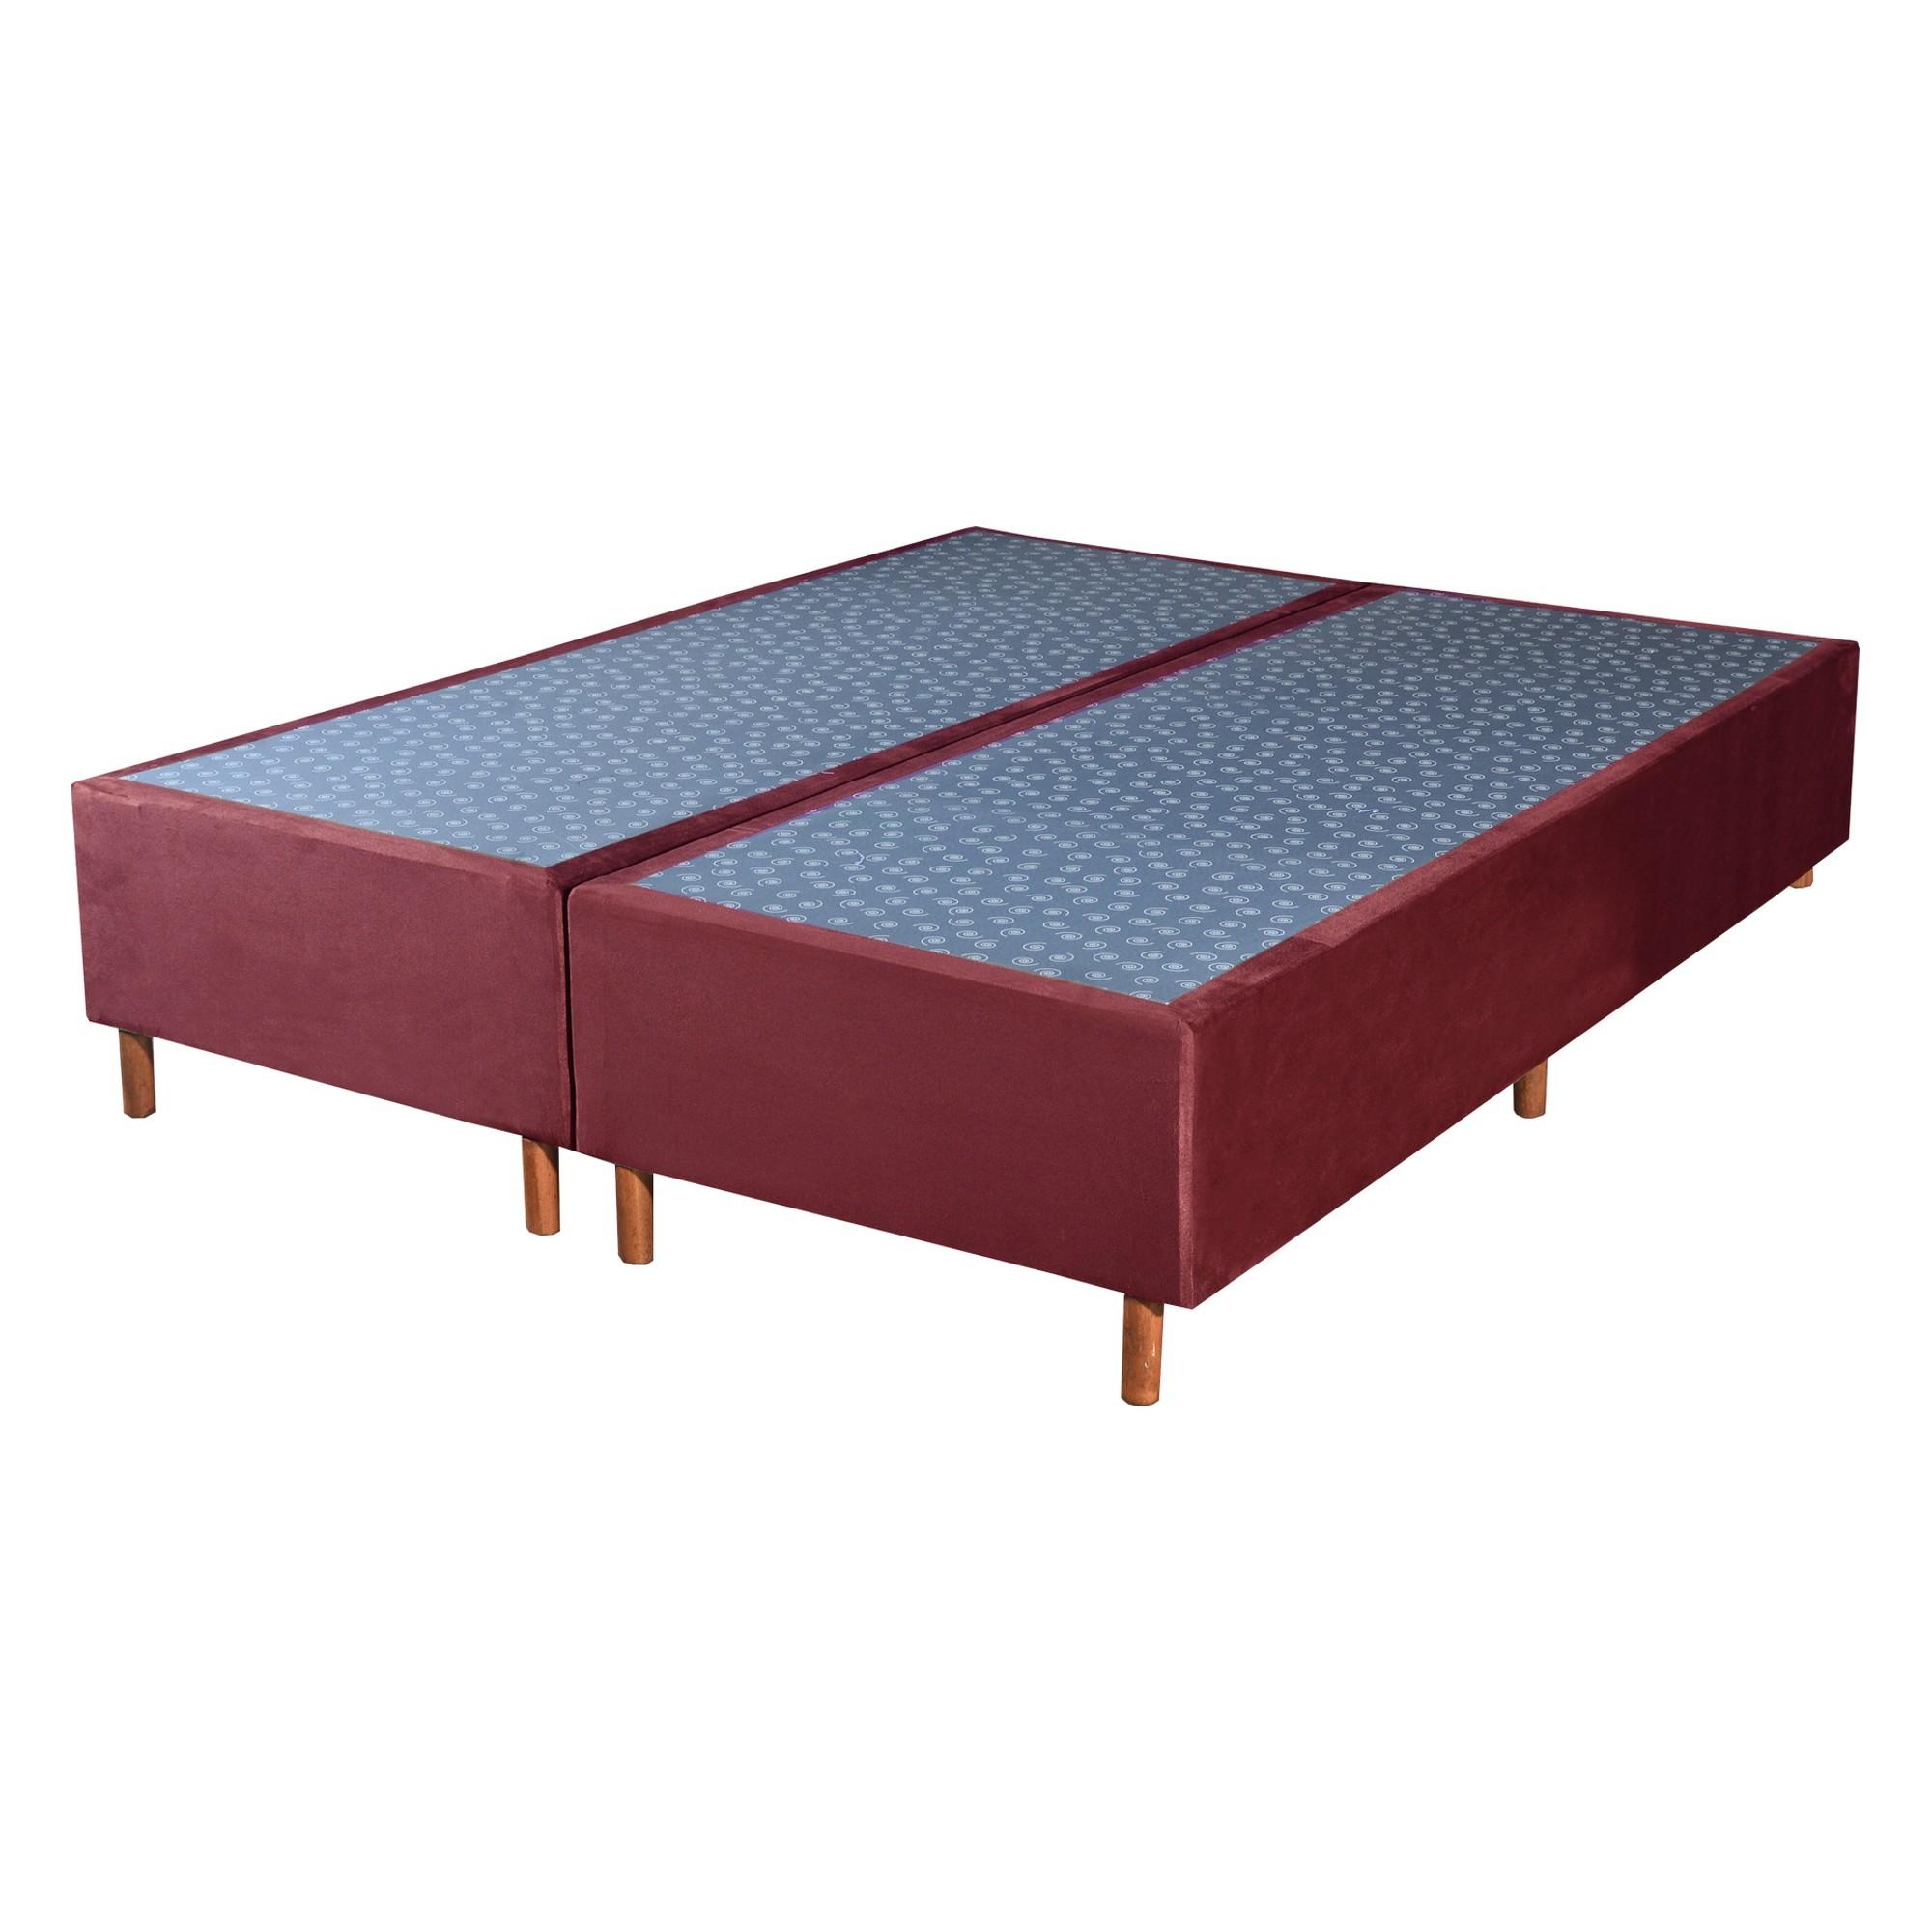 Cama Box Base King Veludo Vinho 193x203x25